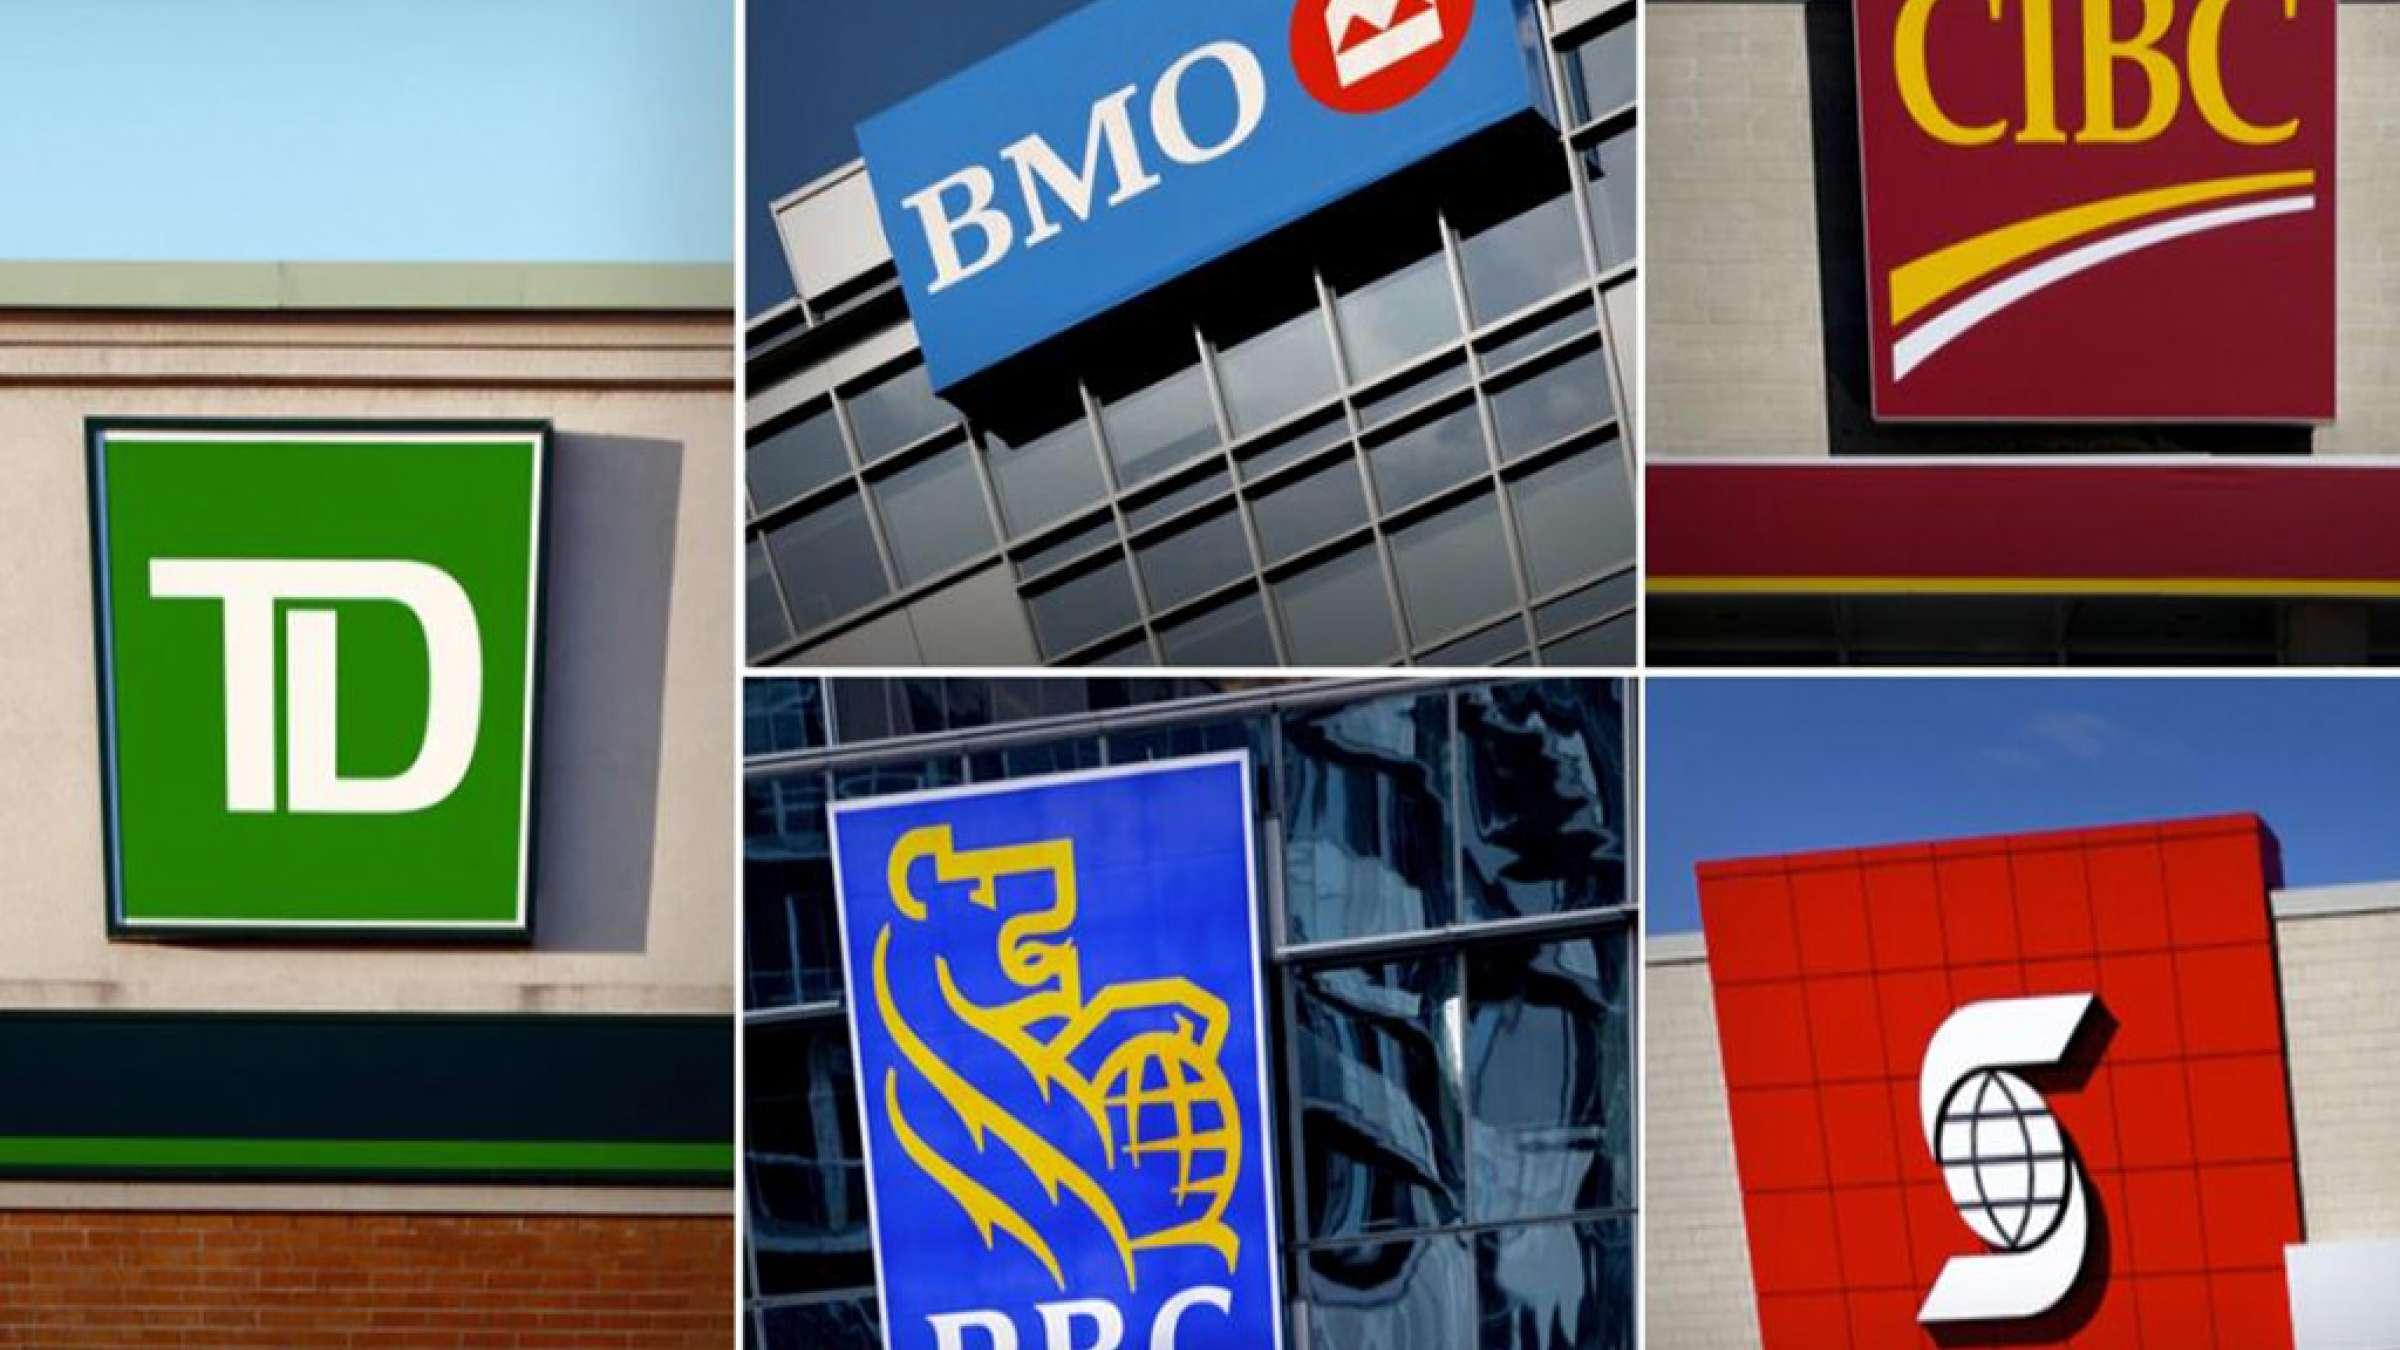 اخبار-کانادا-بانکها-بهره-ها-را-کاهش-می-دهند-درآمدها-امسال-کاهش-می-یابند